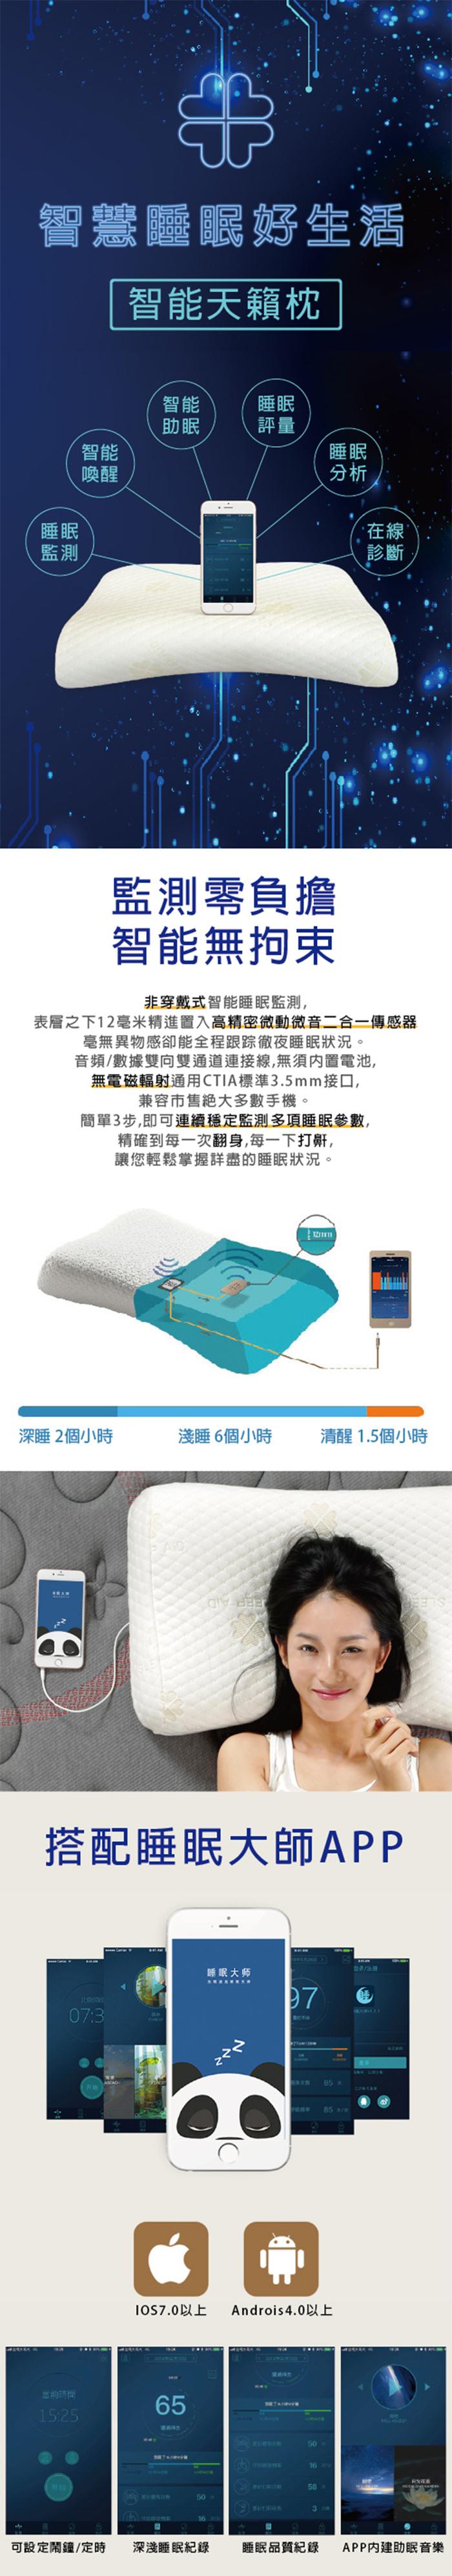 (複製)台灣施力普 智能科技天籟枕